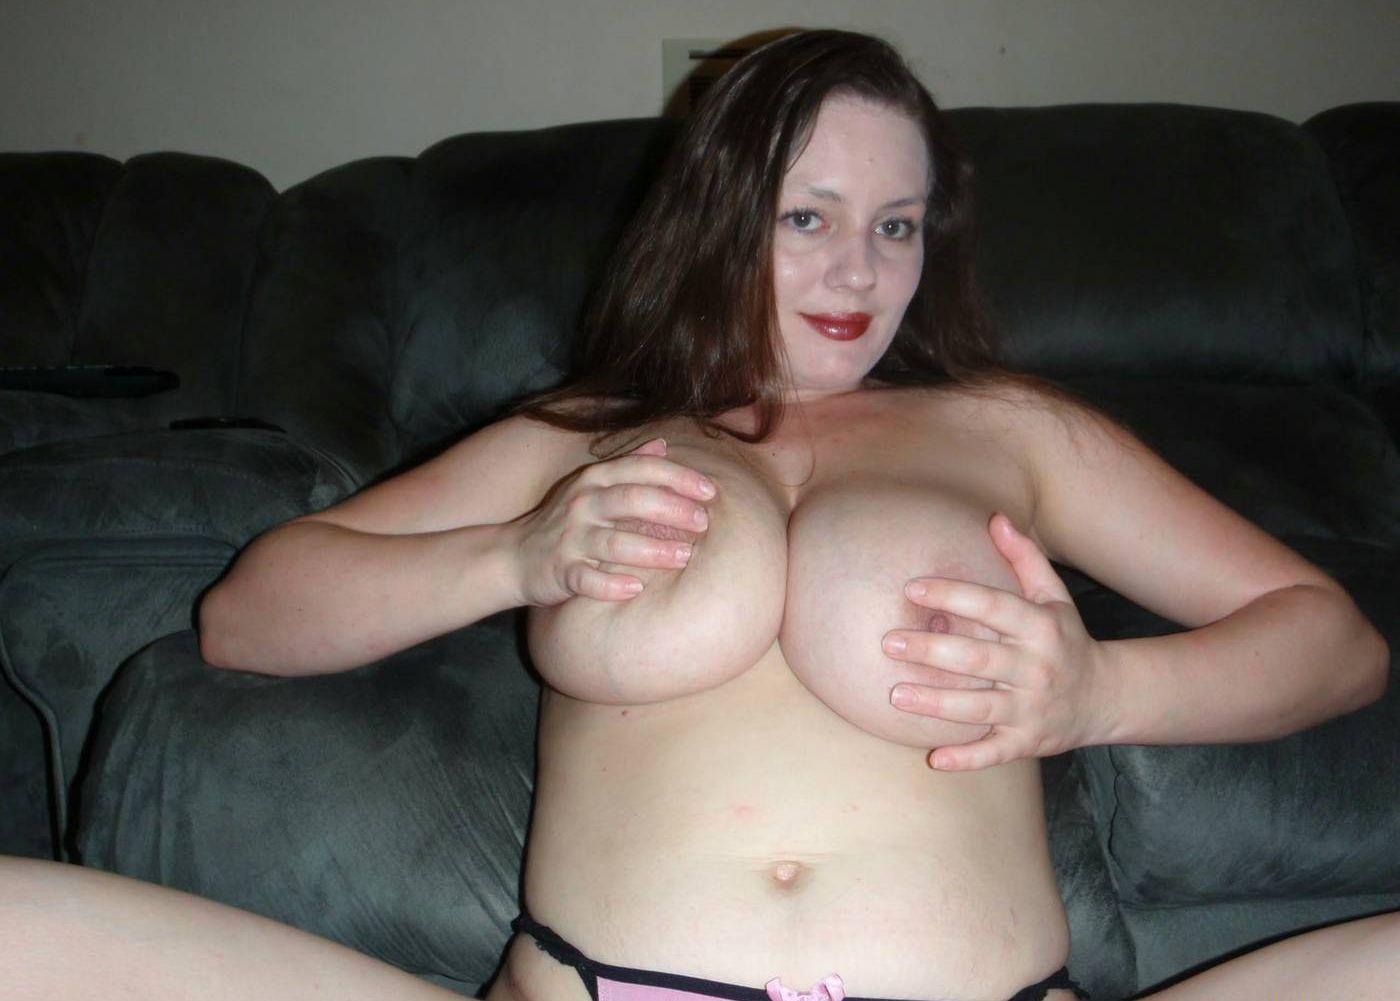 Фото сисек мамки, Фотки мамок с красивой грудью - секс порно фото 7 фотография